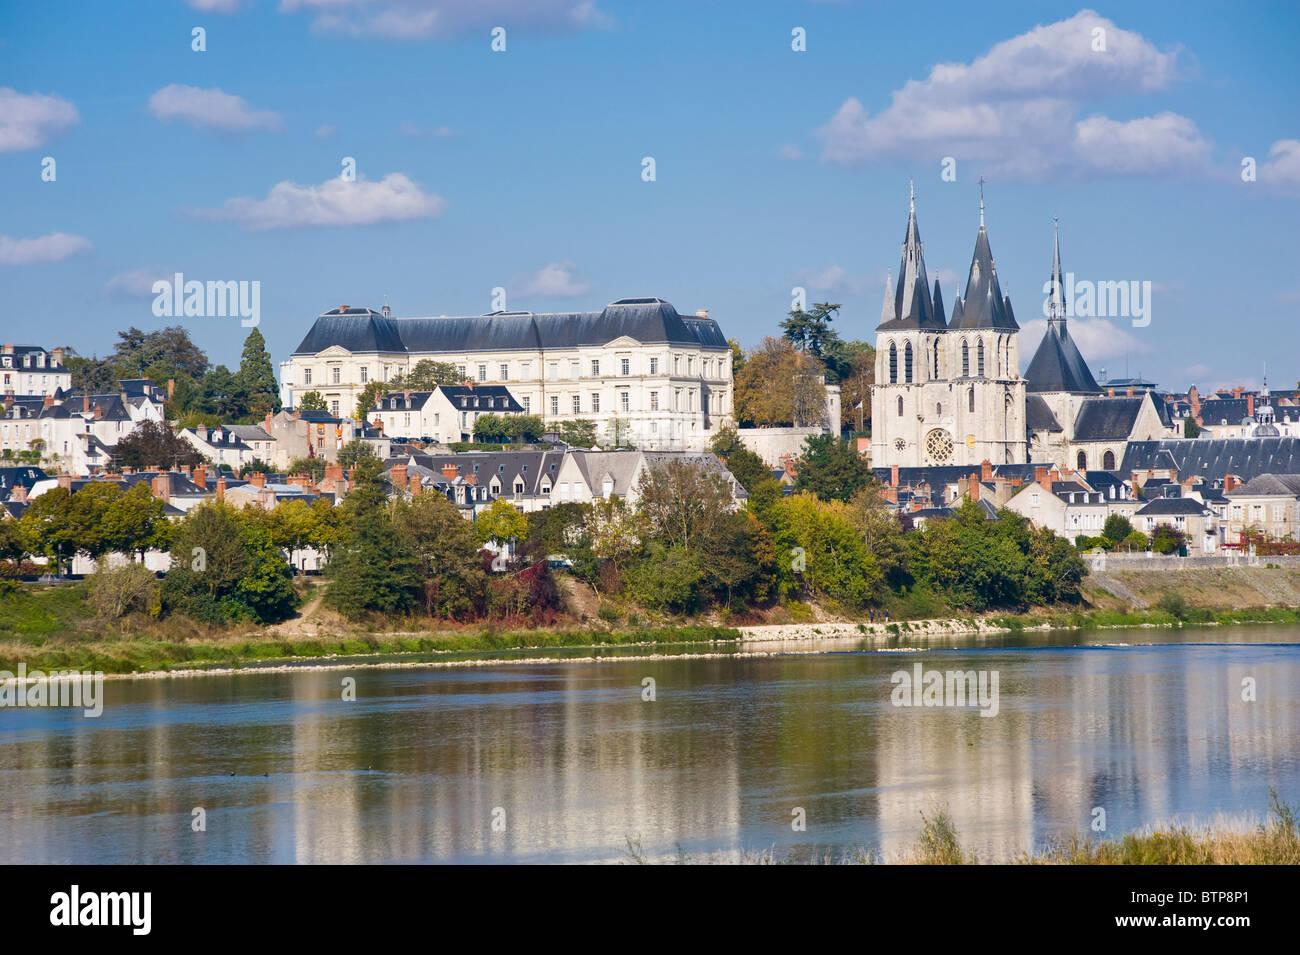 River Loire, Blois, Touraine, France - Stock Image